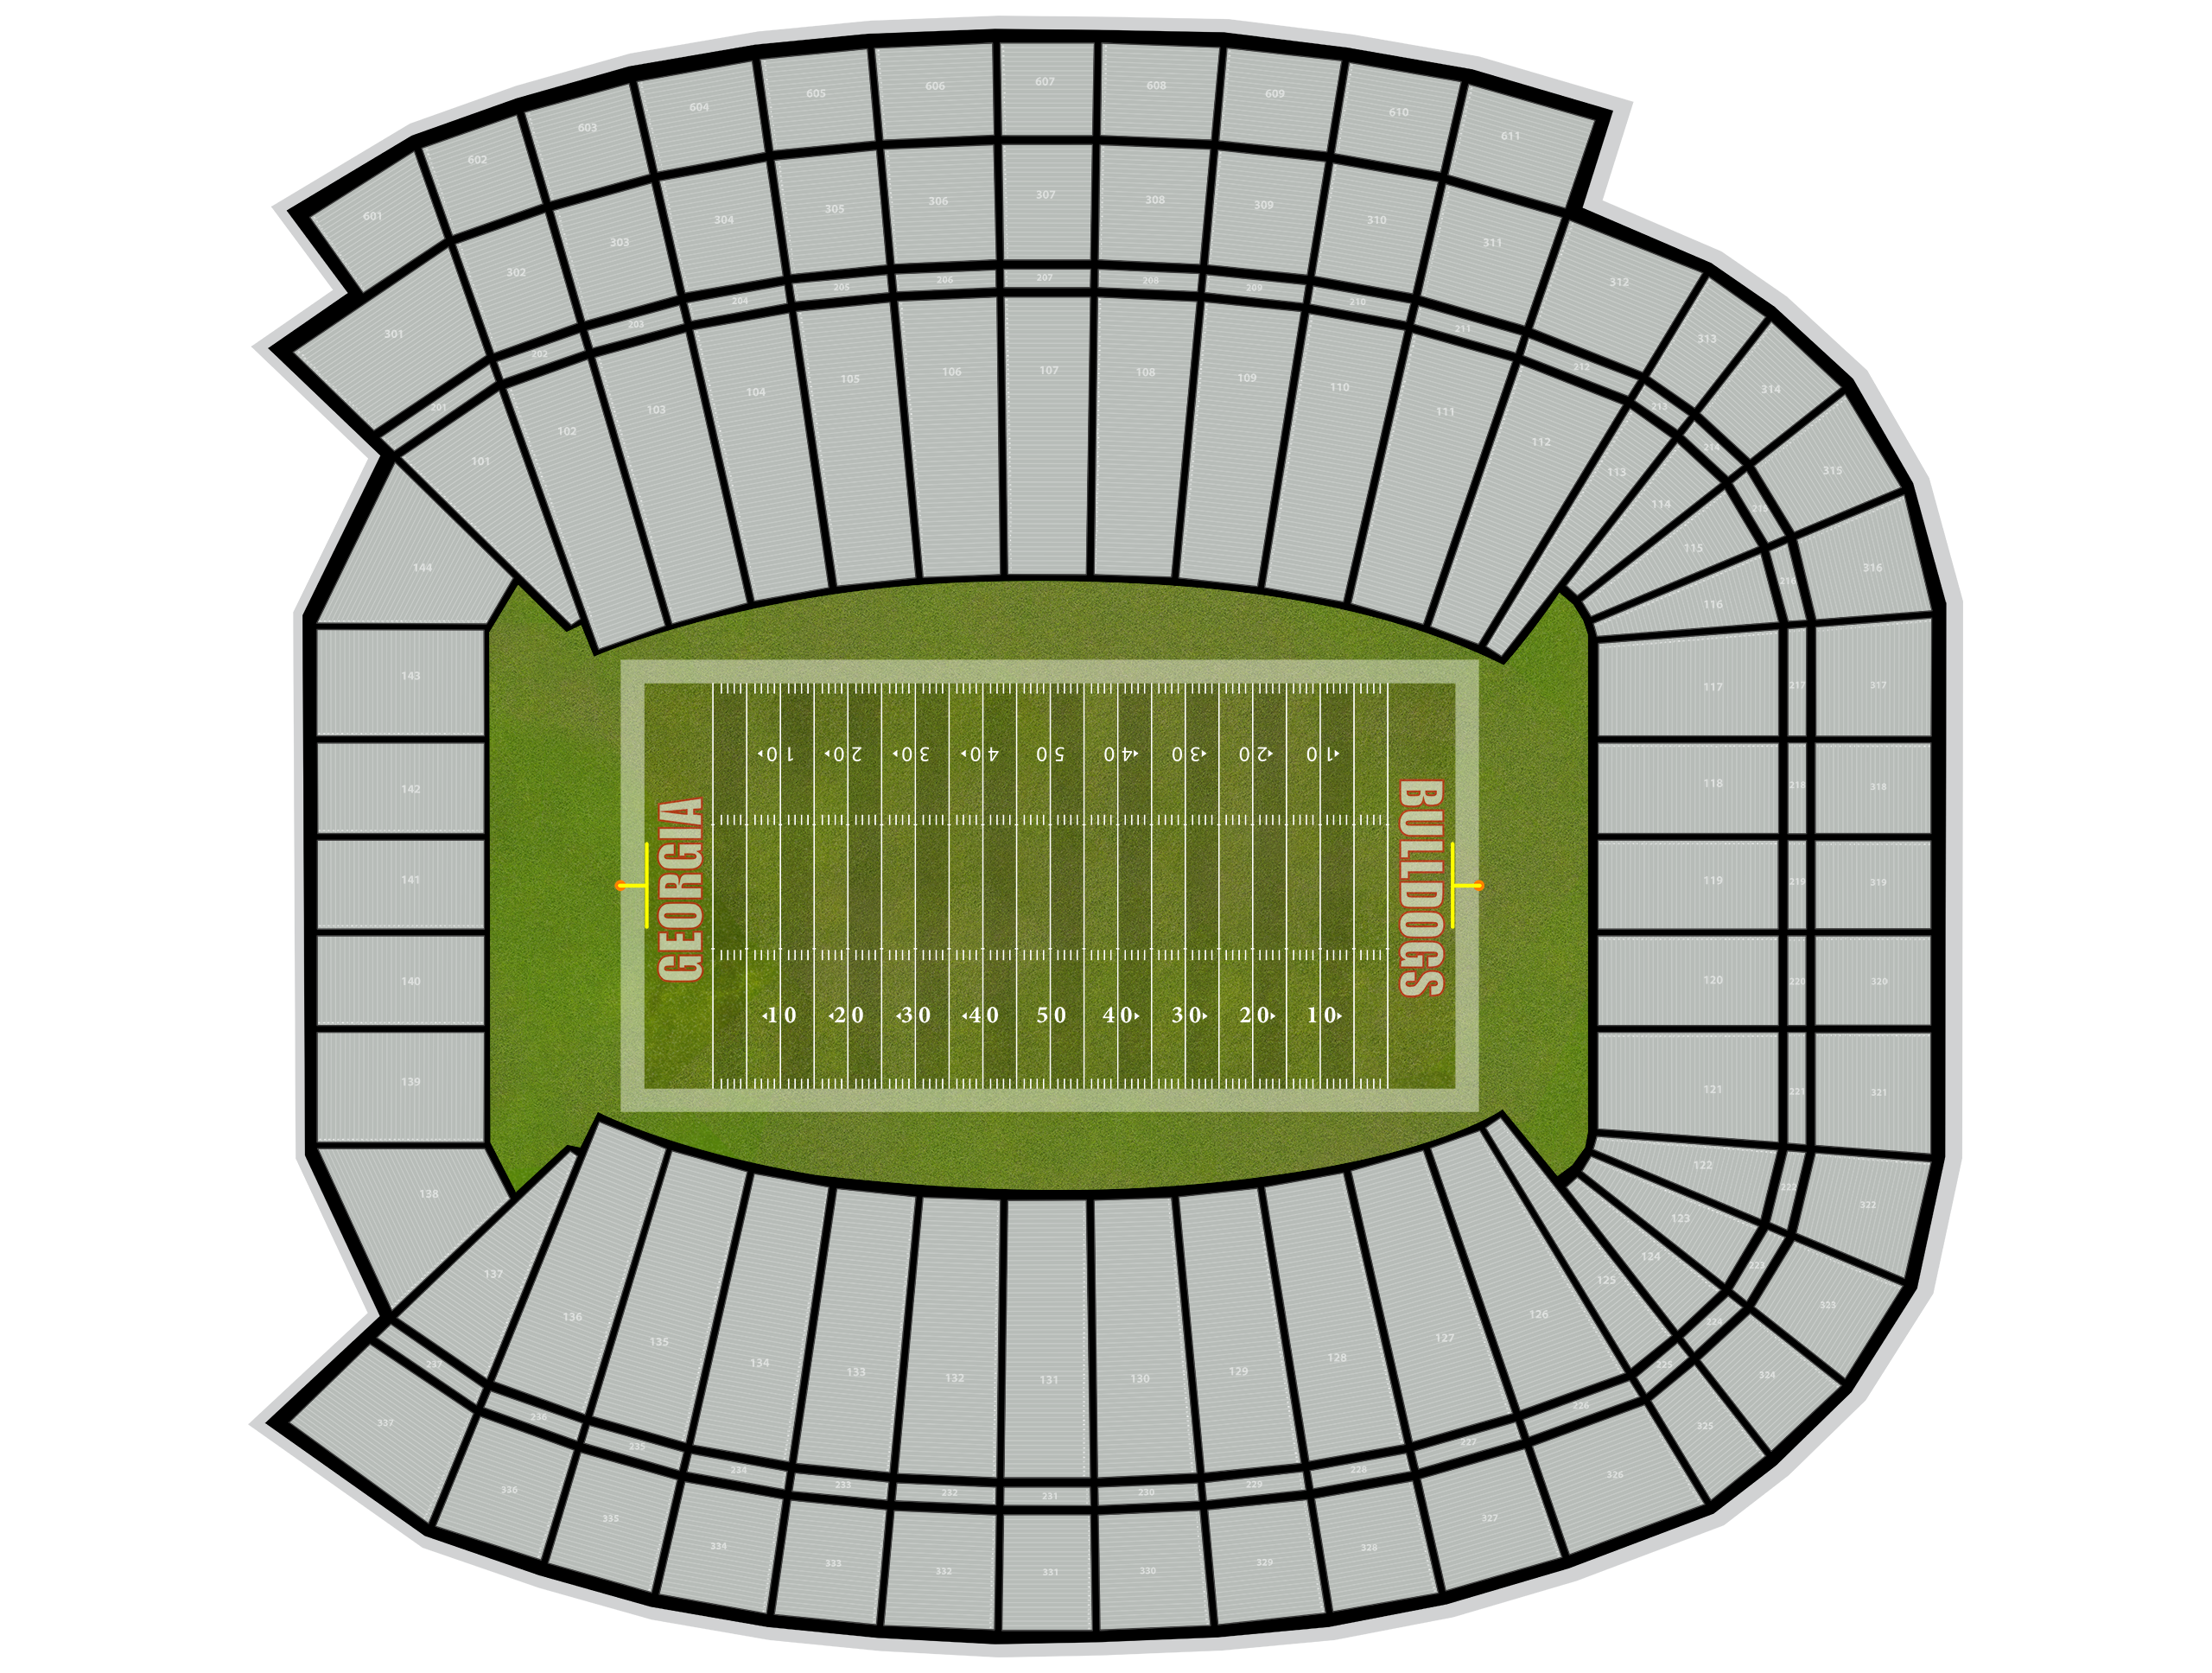 Sanford Stadium Tickets